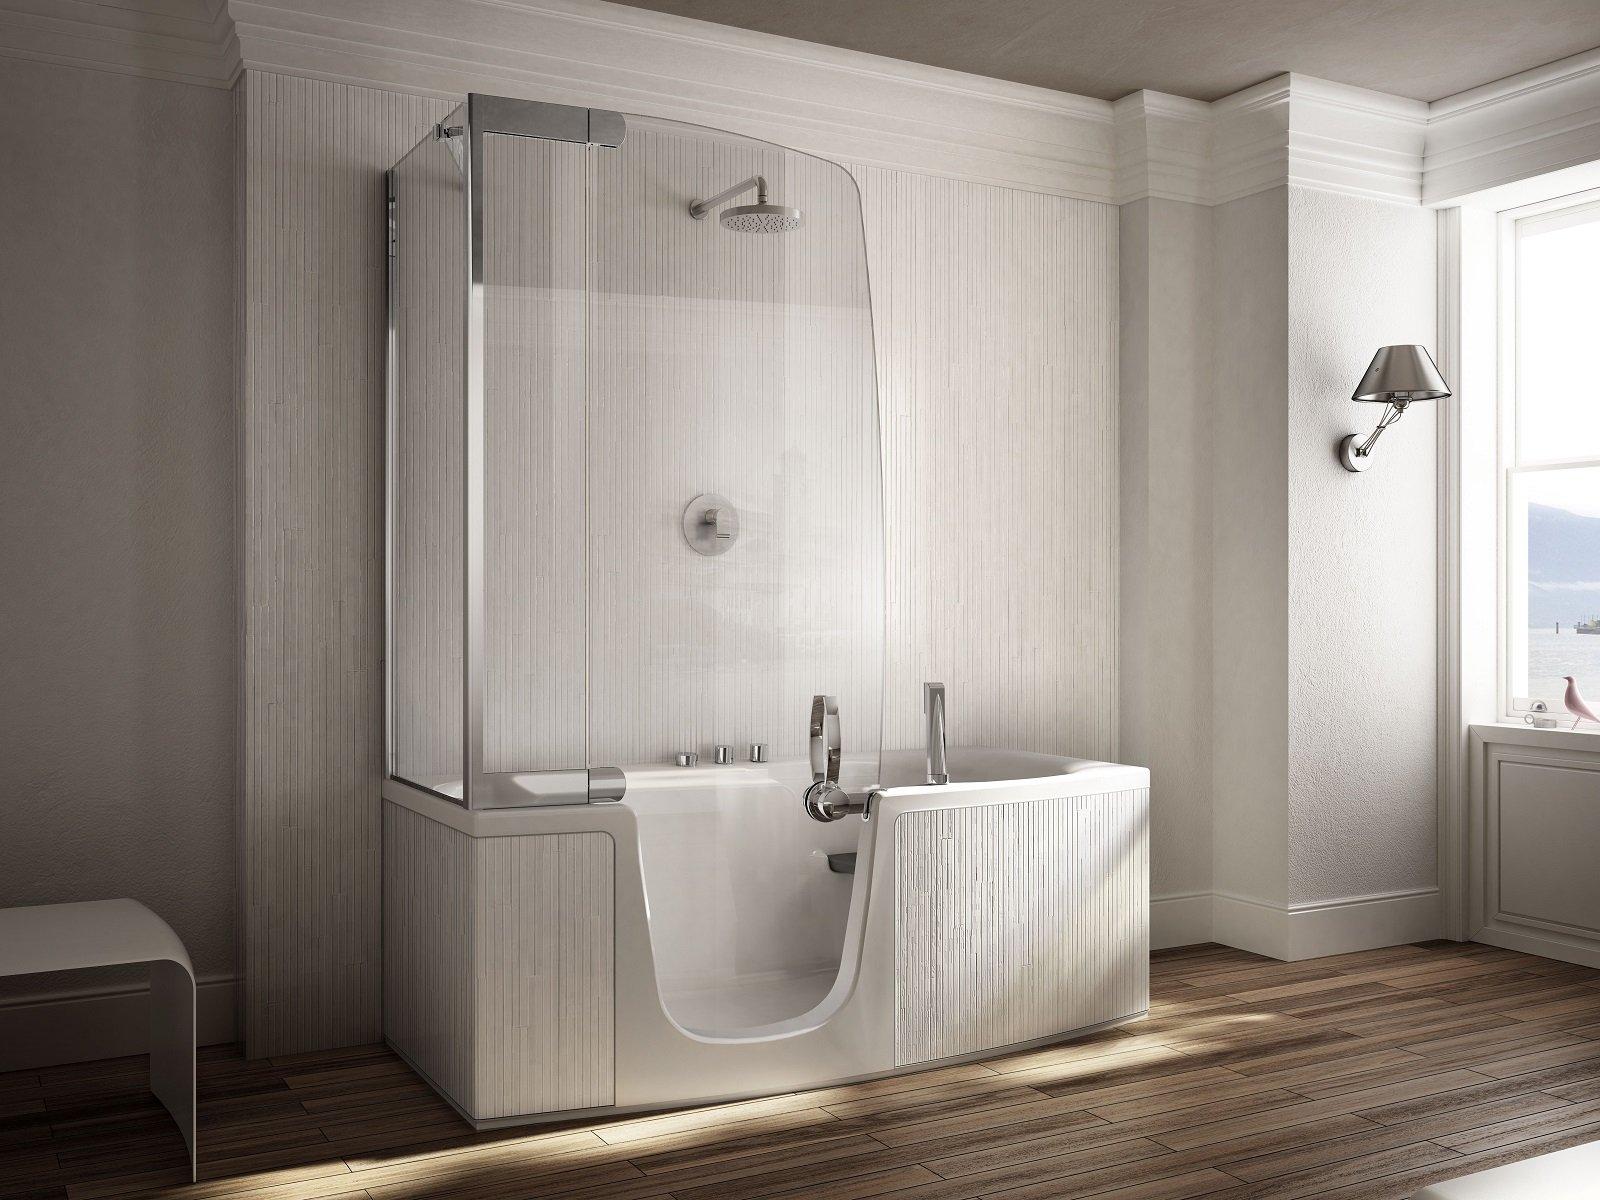 Salvaspazio la vasca con doccia cose di casa - Vasca bagno con doccia ...